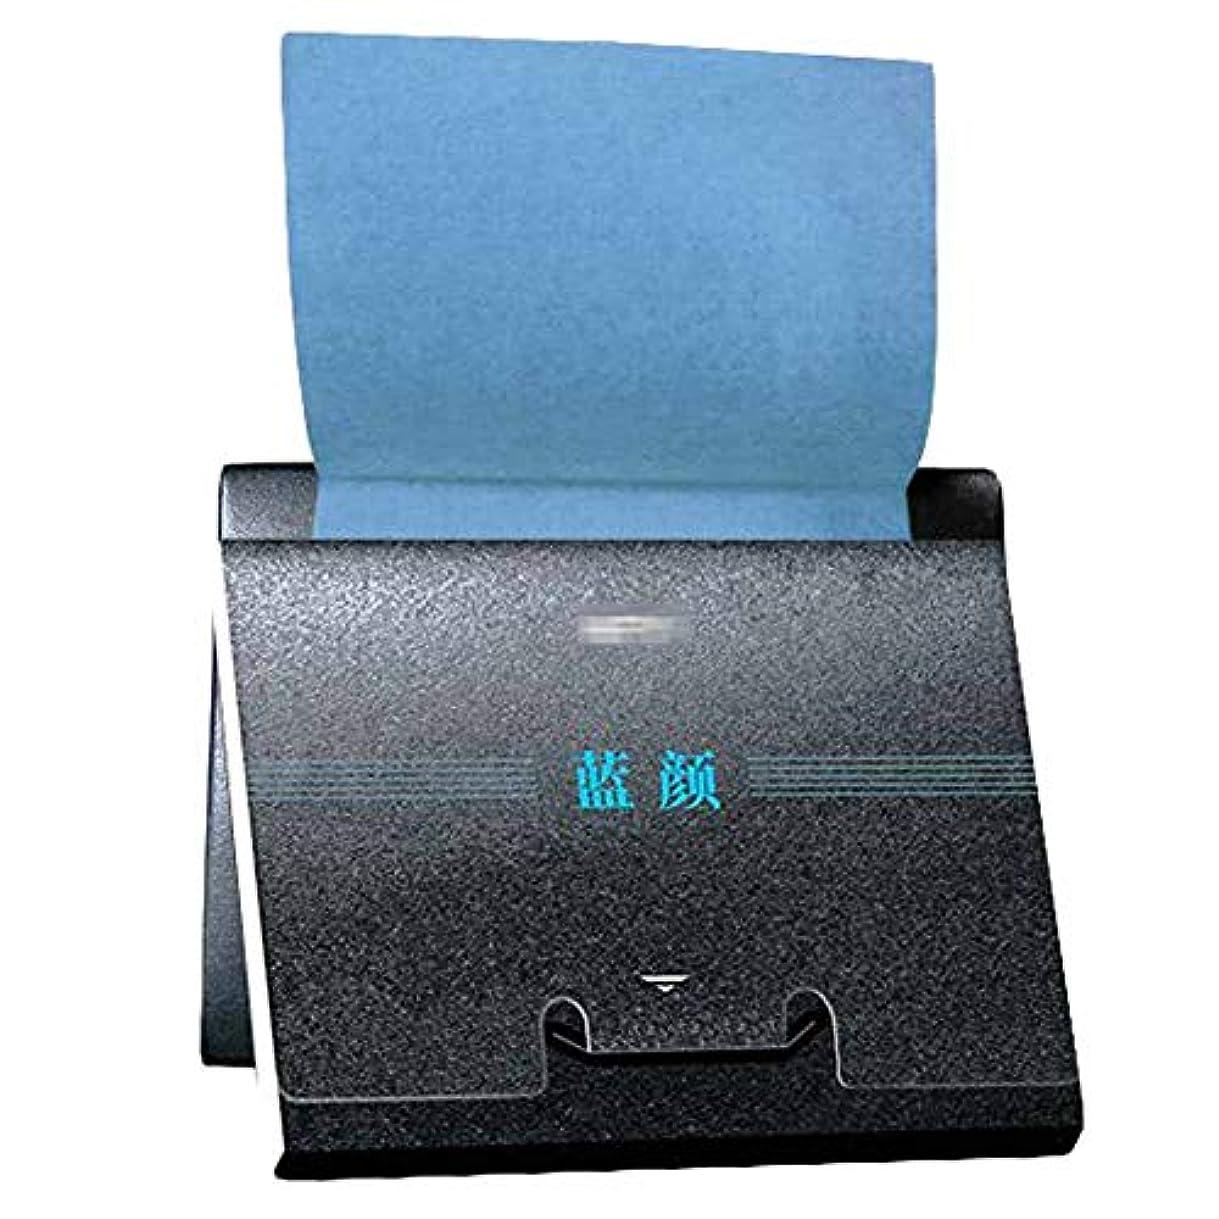 ローズパンツ用心メンズレディースブルーポータブルオイル吸収シート、300シート